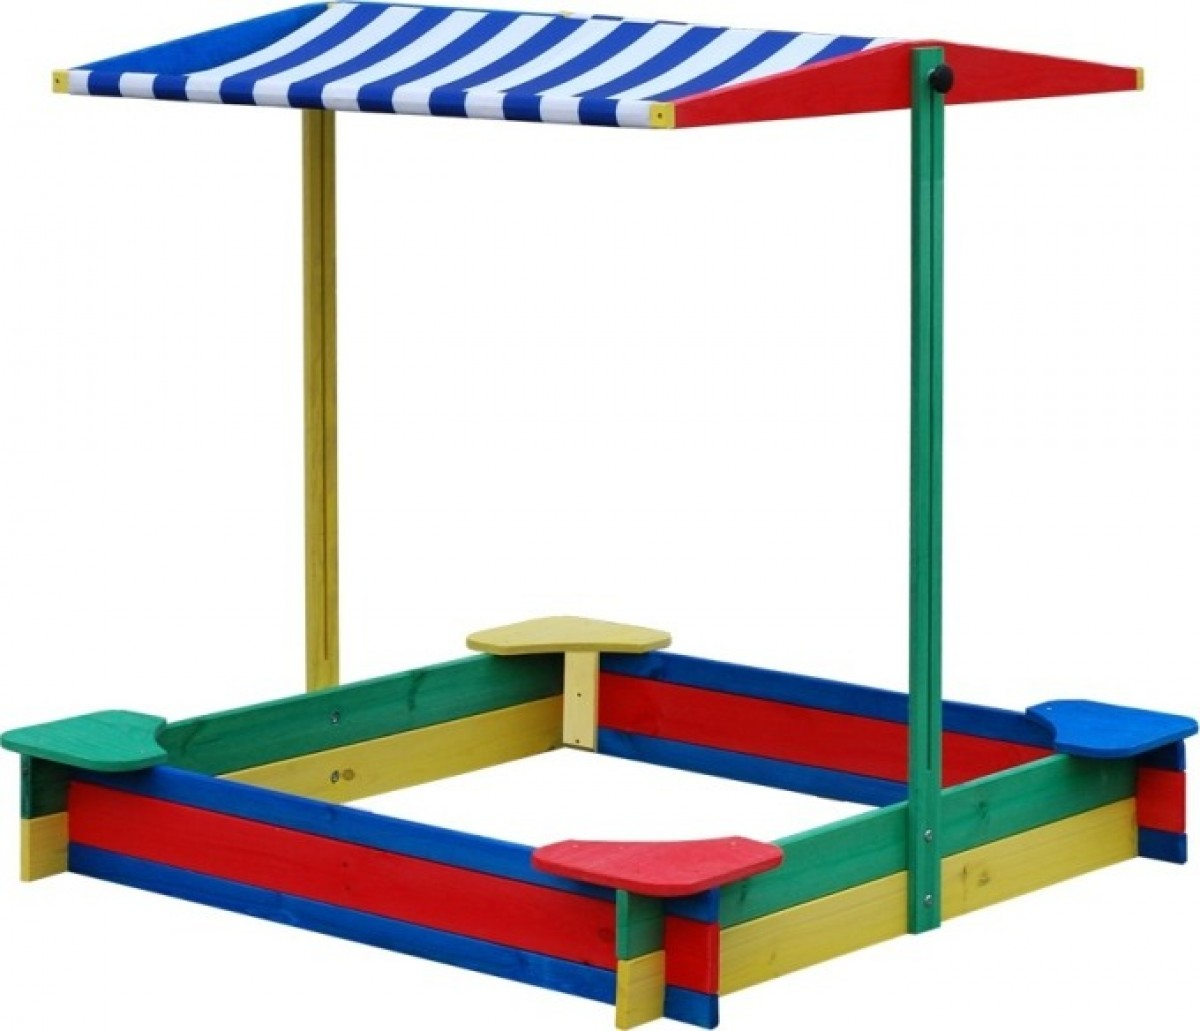 sandkasten berdacht 4 eck mit 4 sitzen sandkiste sandbox. Black Bedroom Furniture Sets. Home Design Ideas